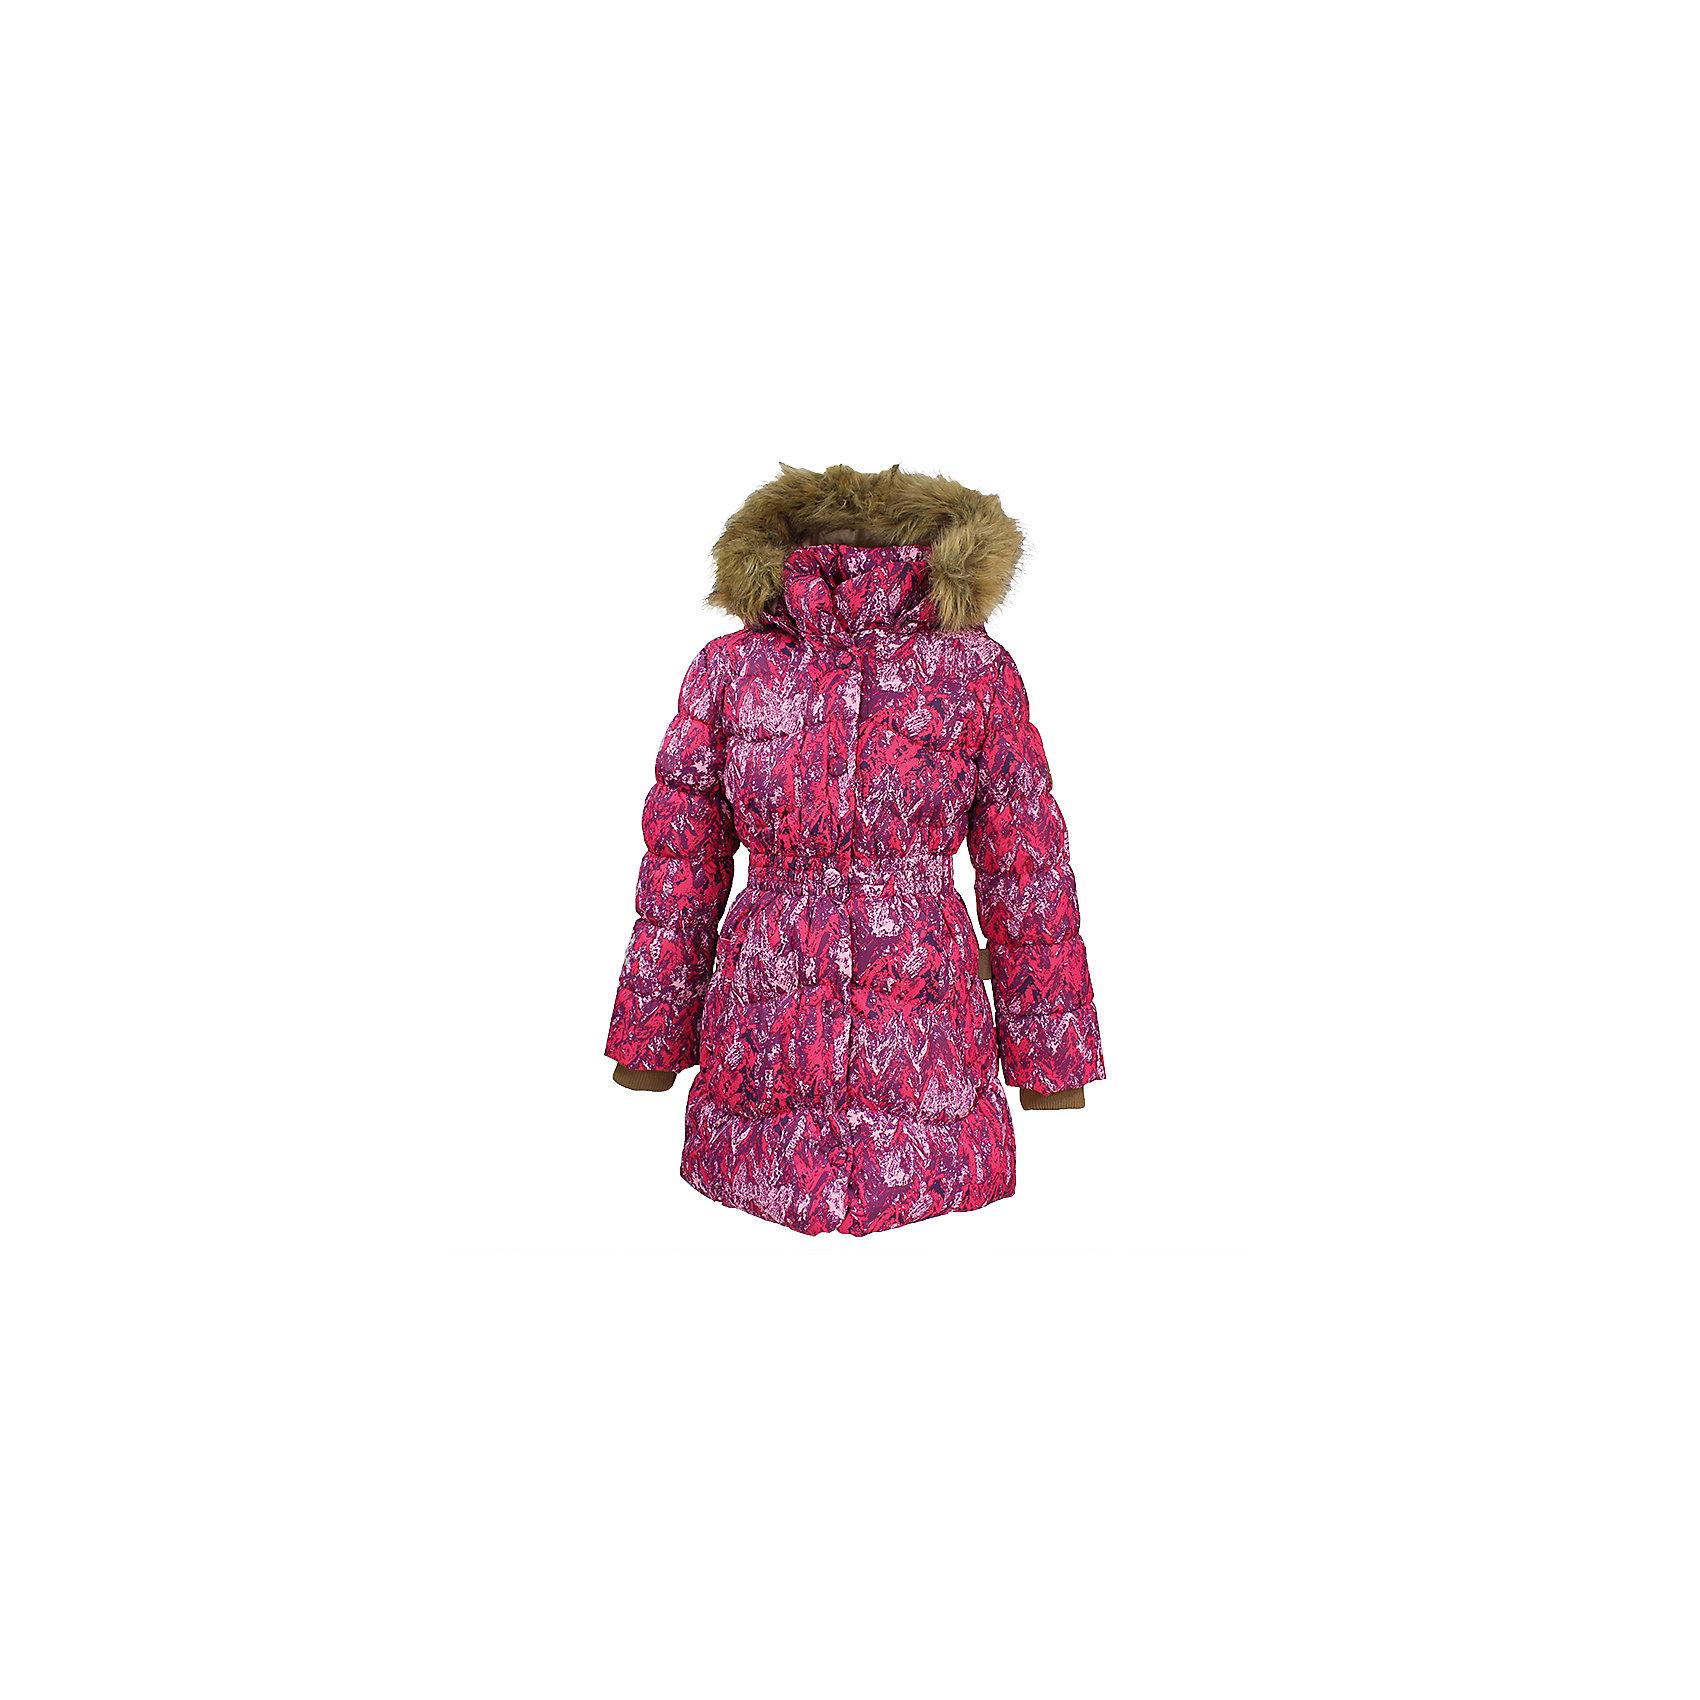 Пальто GRACE 1 Huppa для девочкиВерхняя одежда<br>Характеристики товара:<br><br>• модель: Grace 1;<br>• состав: 100% полиэстер;<br>• утеплитель: 50% пух, 50% перо.;<br>• подкладка: тафта,полиэстер;<br>• сезон: зима;<br>• температурный режим: от - 5 до - 30С;<br>• водонепроницаемость: 5000 мм;<br>• воздухопроницаемость: 5000 г/м2/24ч;<br>• влагоустойчивая и дышащая ткань верхнего слоя изделияпозволяет сохранить внутри собственное тепло ребенка и препятствует попаданию извне холодного воздуха;<br>• воротник-стойка застегивается на застежку-молнию и кнопки;<br>• безопасный капюшон при необходимости, отстегивается;<br>• мех на капюшоне съемный;<br>• низ рукавов дополнен эластичными манжетами;<br>• карманы на молнии;<br>• светоотражающие детали для безопасности ребенка;<br>• страна бренда: Финляндия;<br>• страна изготовитель: Эстония.<br><br>Стильное пальто Grace 1 для девочки бренда Huppa идеально подойдет для ребенка в прохладное время года. Модель изготовлена из полиэстера.Подкладка —  тафта,полиэстер.<br> <br>Пальто с капюшоном и небольшим воротником-стойкой застегивается на застежку-молнию и кнопки. Капюшон оформлен съемным мехом. Низ рукавов дополнен эластичными манжетами, не стягивающими запястья. Карманы на молнии надежно сохранят все сокровища. Такое стильное пальто станет прекрасным дополнением гардеробу вашей девочки, оно подарит комфорт и тепло.<br><br>Вы можете приобрести стильное пальто Grace 1 для девочки бренда Huppa(Хуппа) в нашем интернет-магазине.<br><br>Ширина мм: 356<br>Глубина мм: 10<br>Высота мм: 245<br>Вес г: 519<br>Цвет: фуксия<br>Возраст от месяцев: 108<br>Возраст до месяцев: 120<br>Пол: Женский<br>Возраст: Детский<br>Размер: 140,104,110,116,122,128,134<br>SKU: 7025243